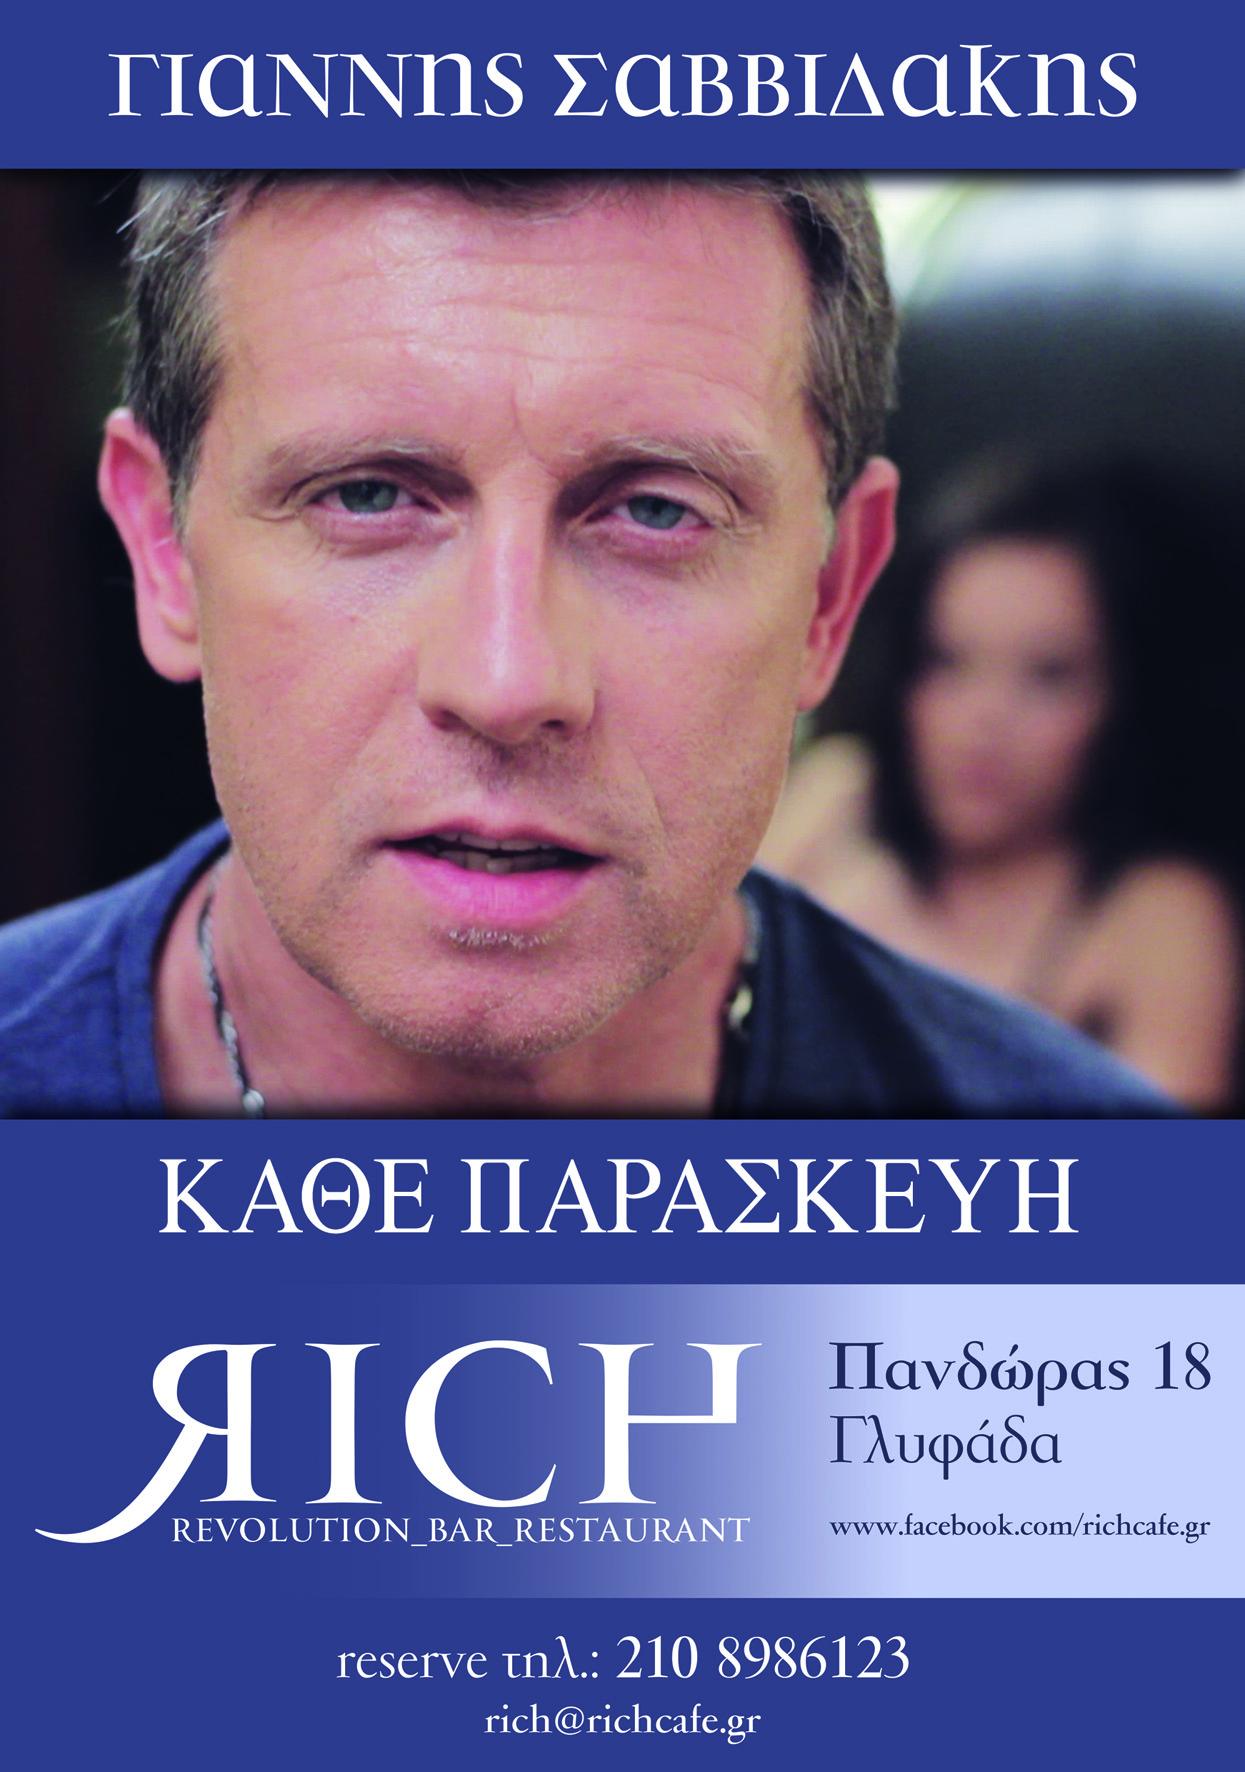 rich_savidakis1